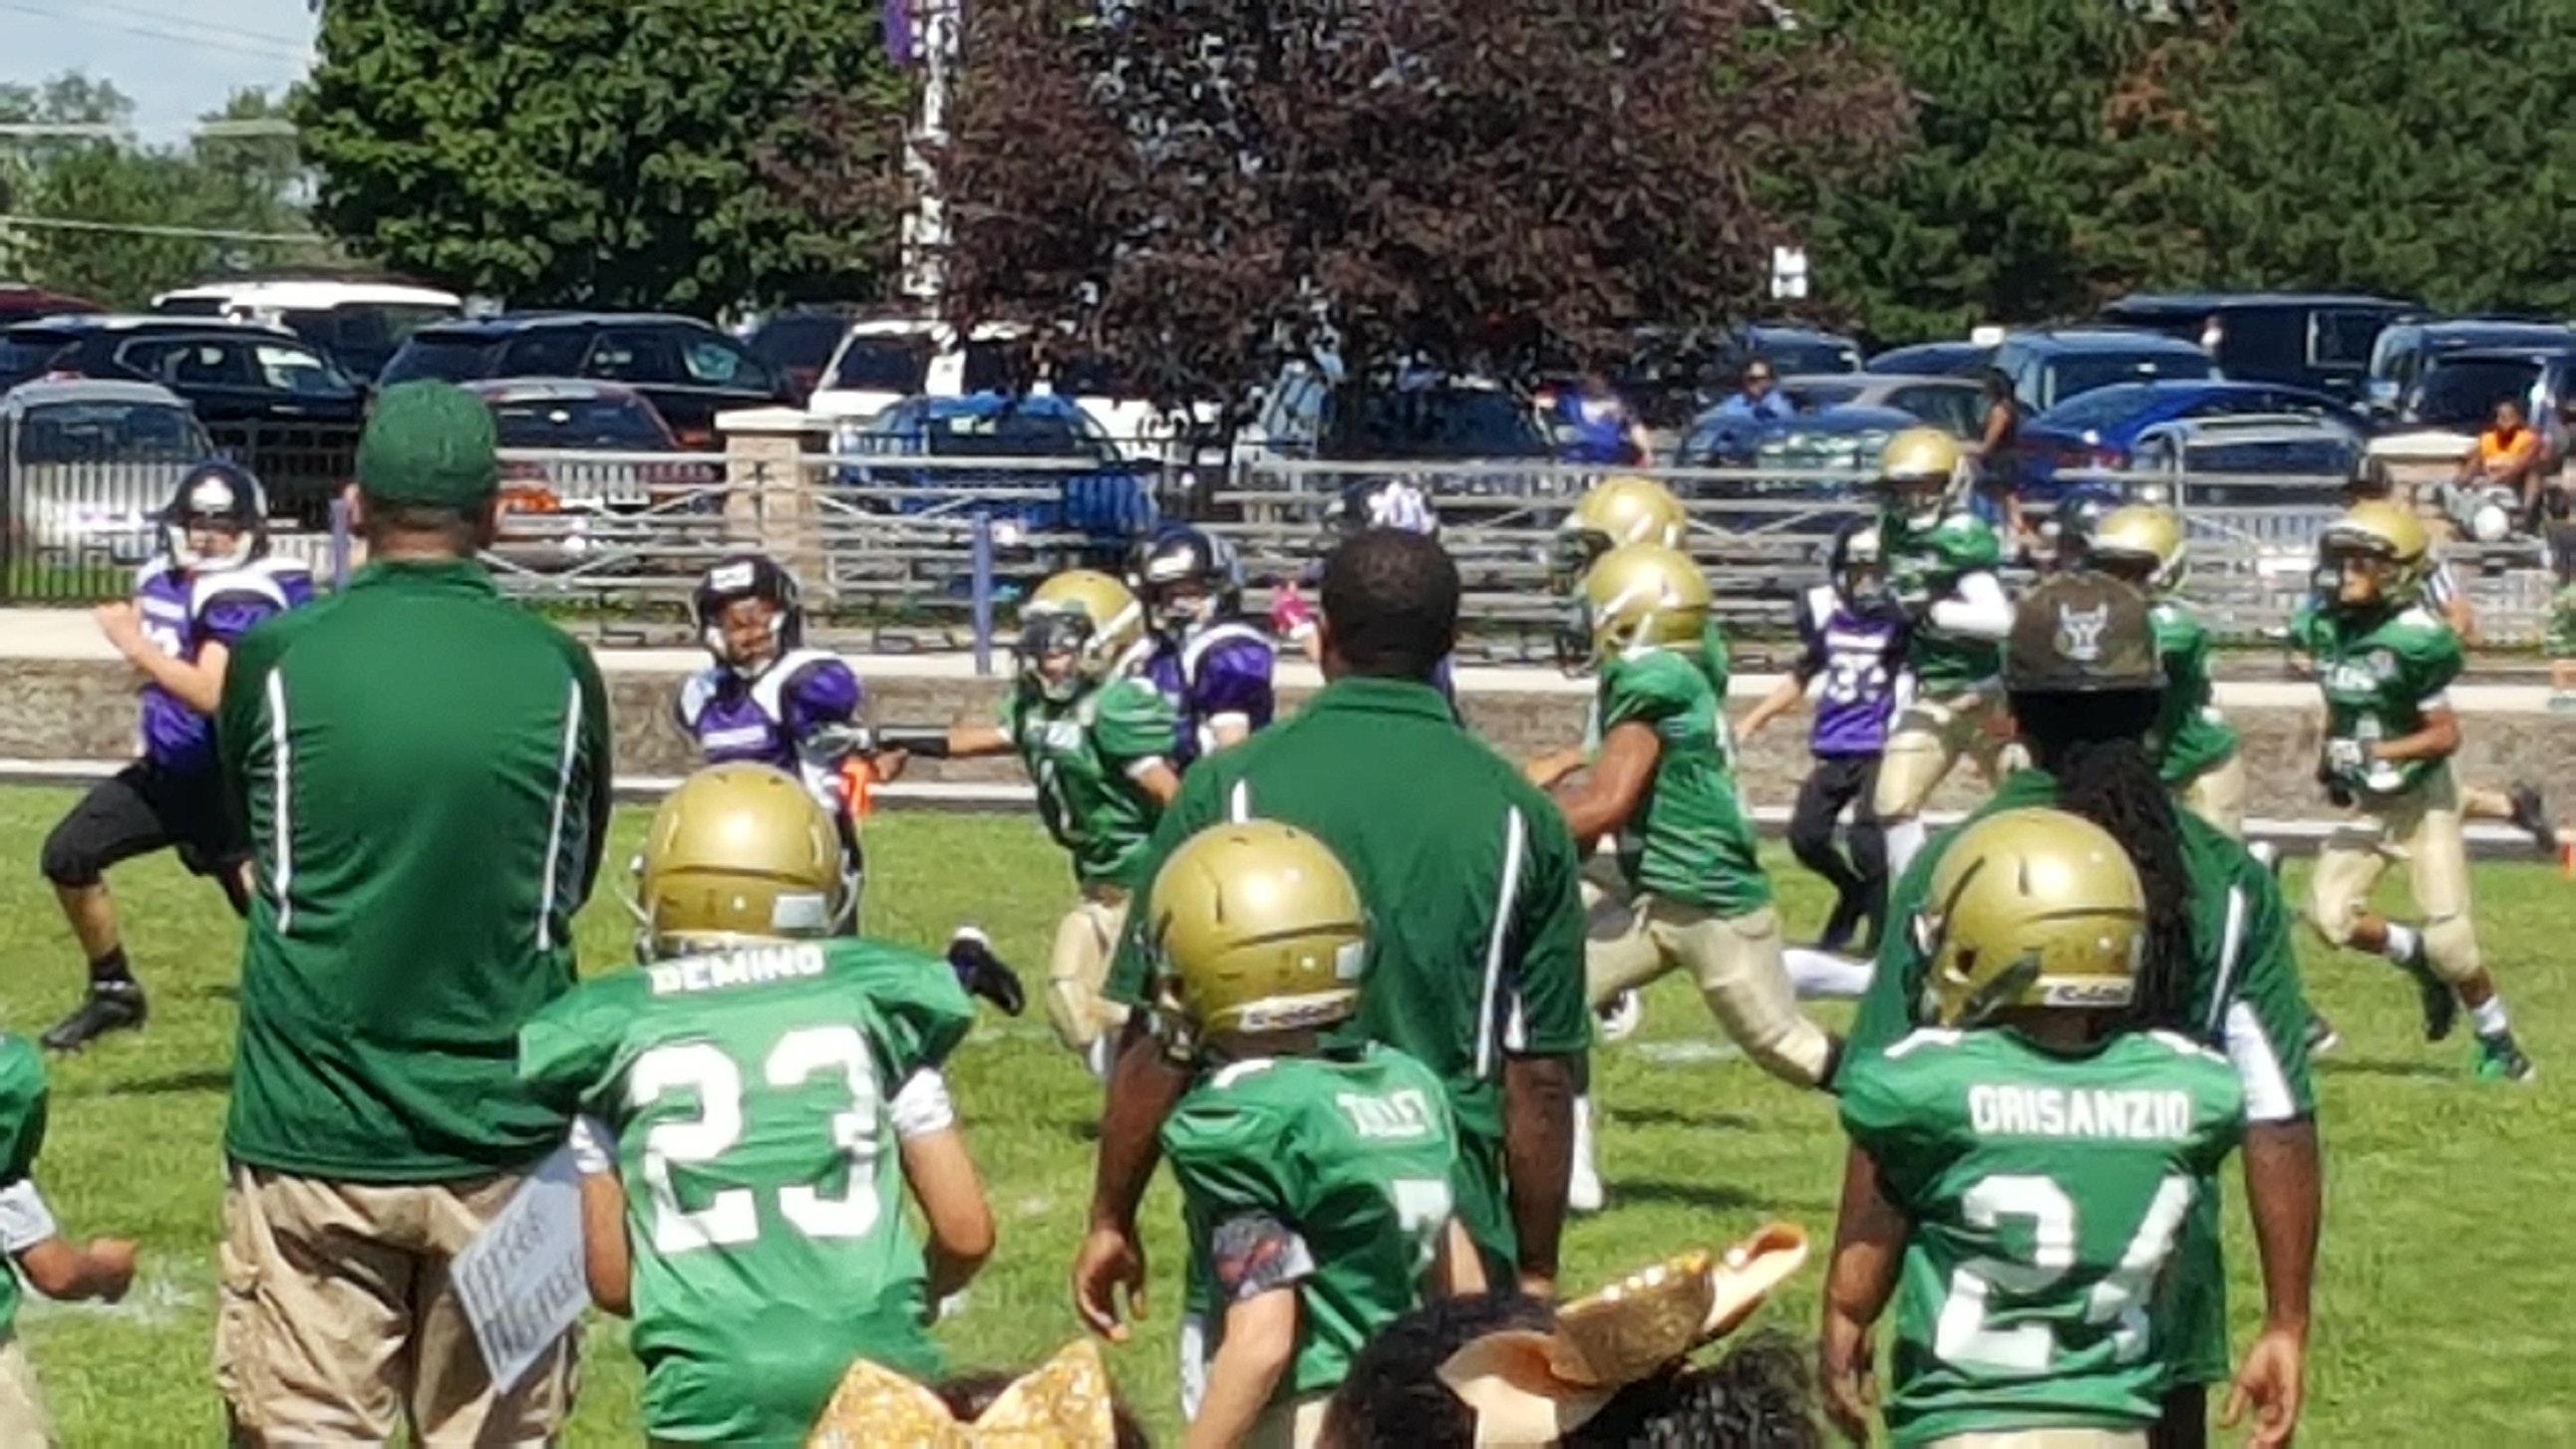 Rockford Titans Jr. Tackle and Cheer